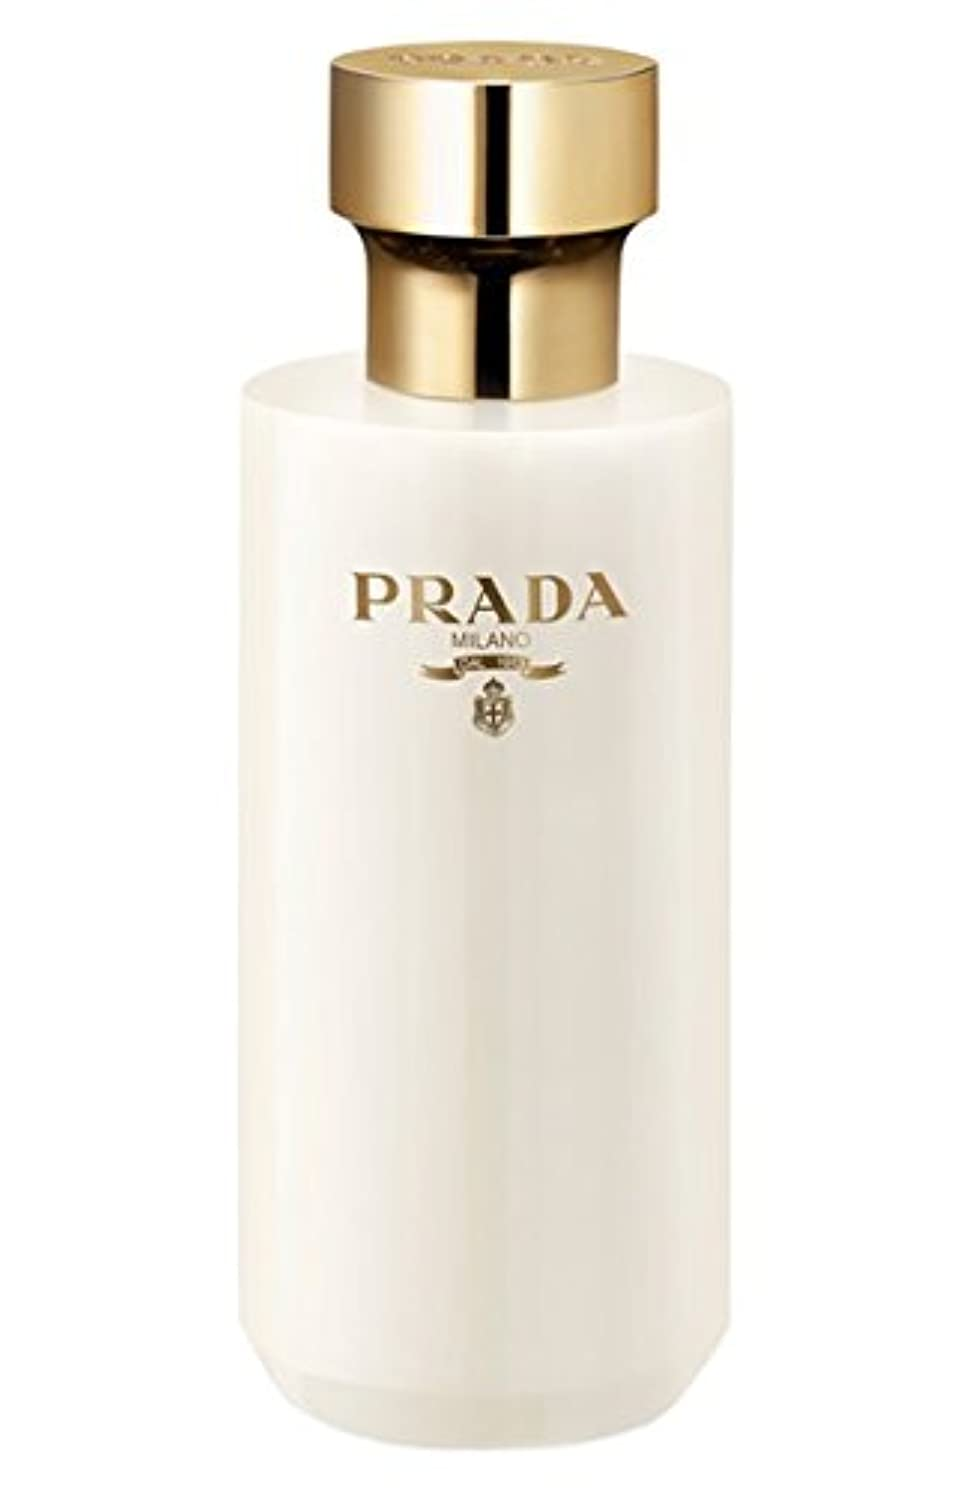 ナンセンスオーバーラン好戦的なLa Femme Prada (ラ フェム プラダ) 6.7 oz (200ml) Shower Cream for Women